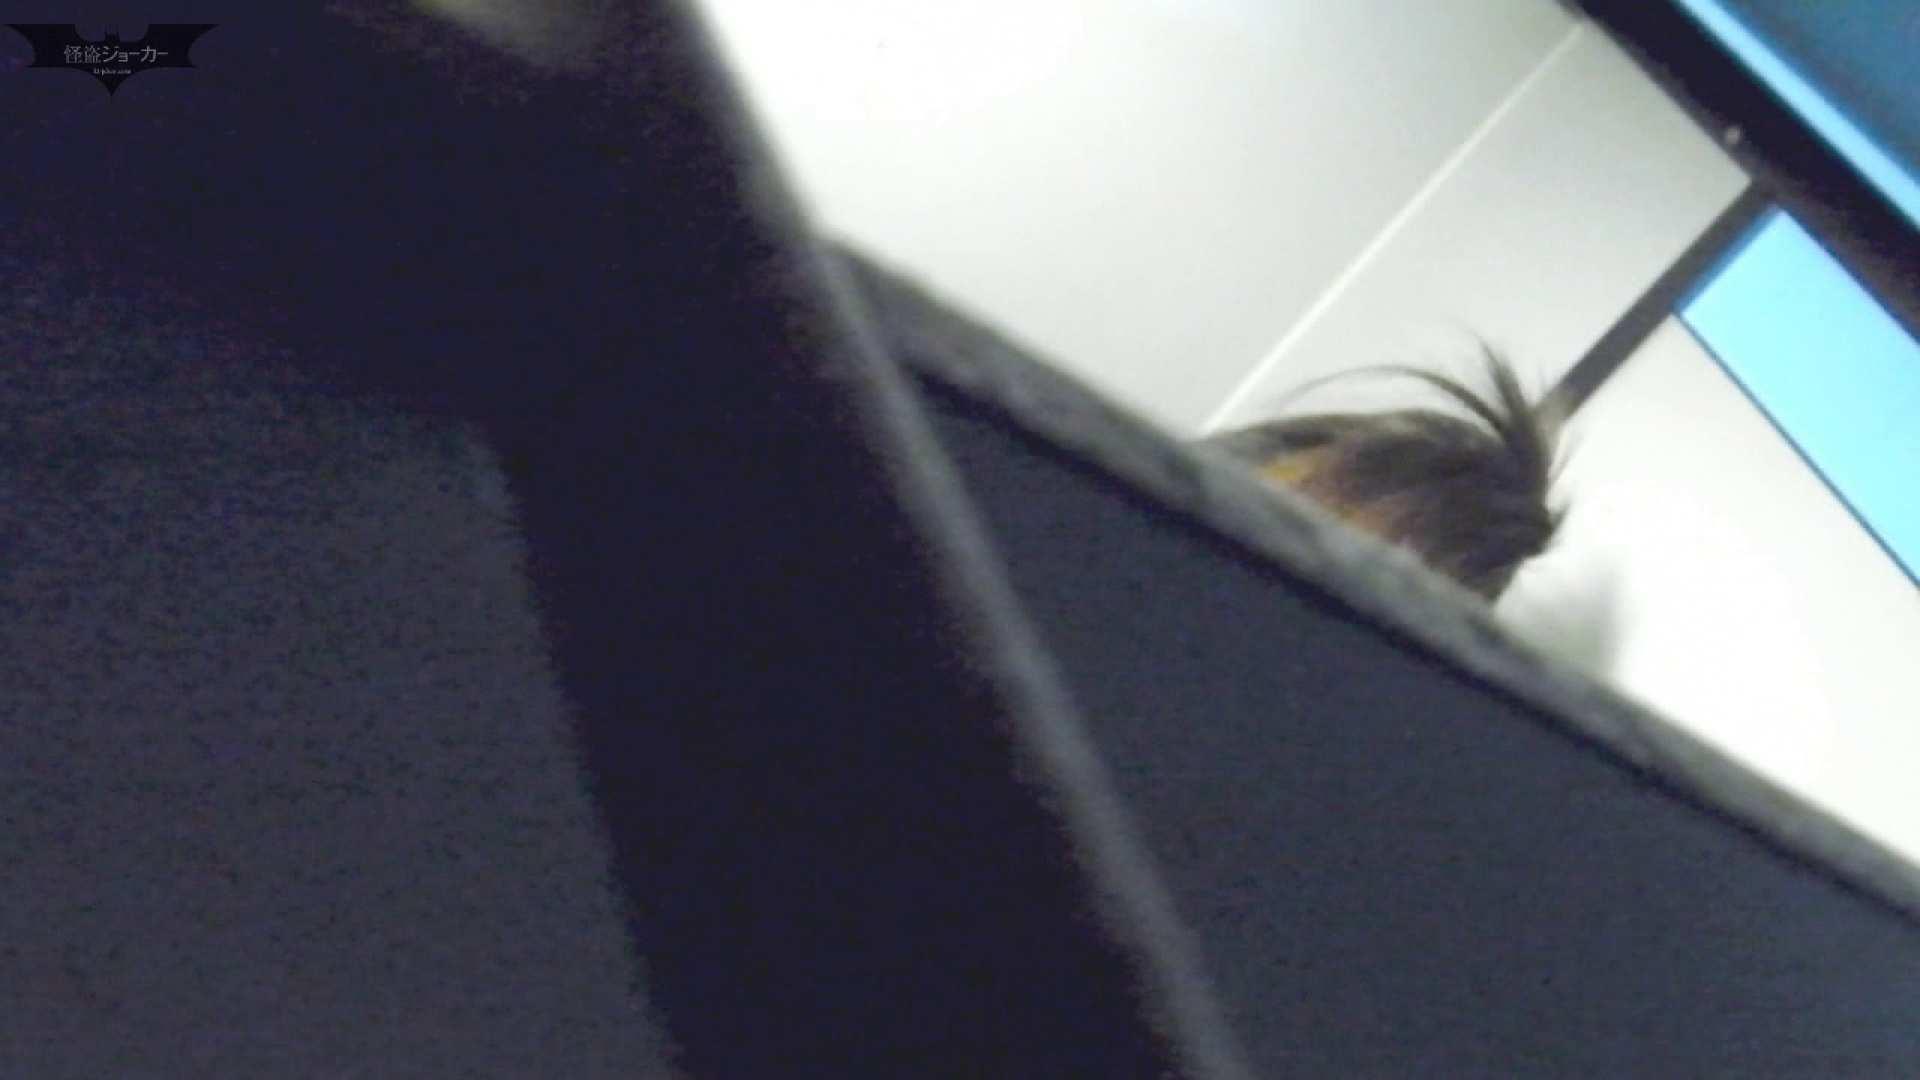 新世界の射窓 No61来ました!「ビジョビジョ」の美女達が・・・ 洗面所着替え   美女達のヌード  85連発 9